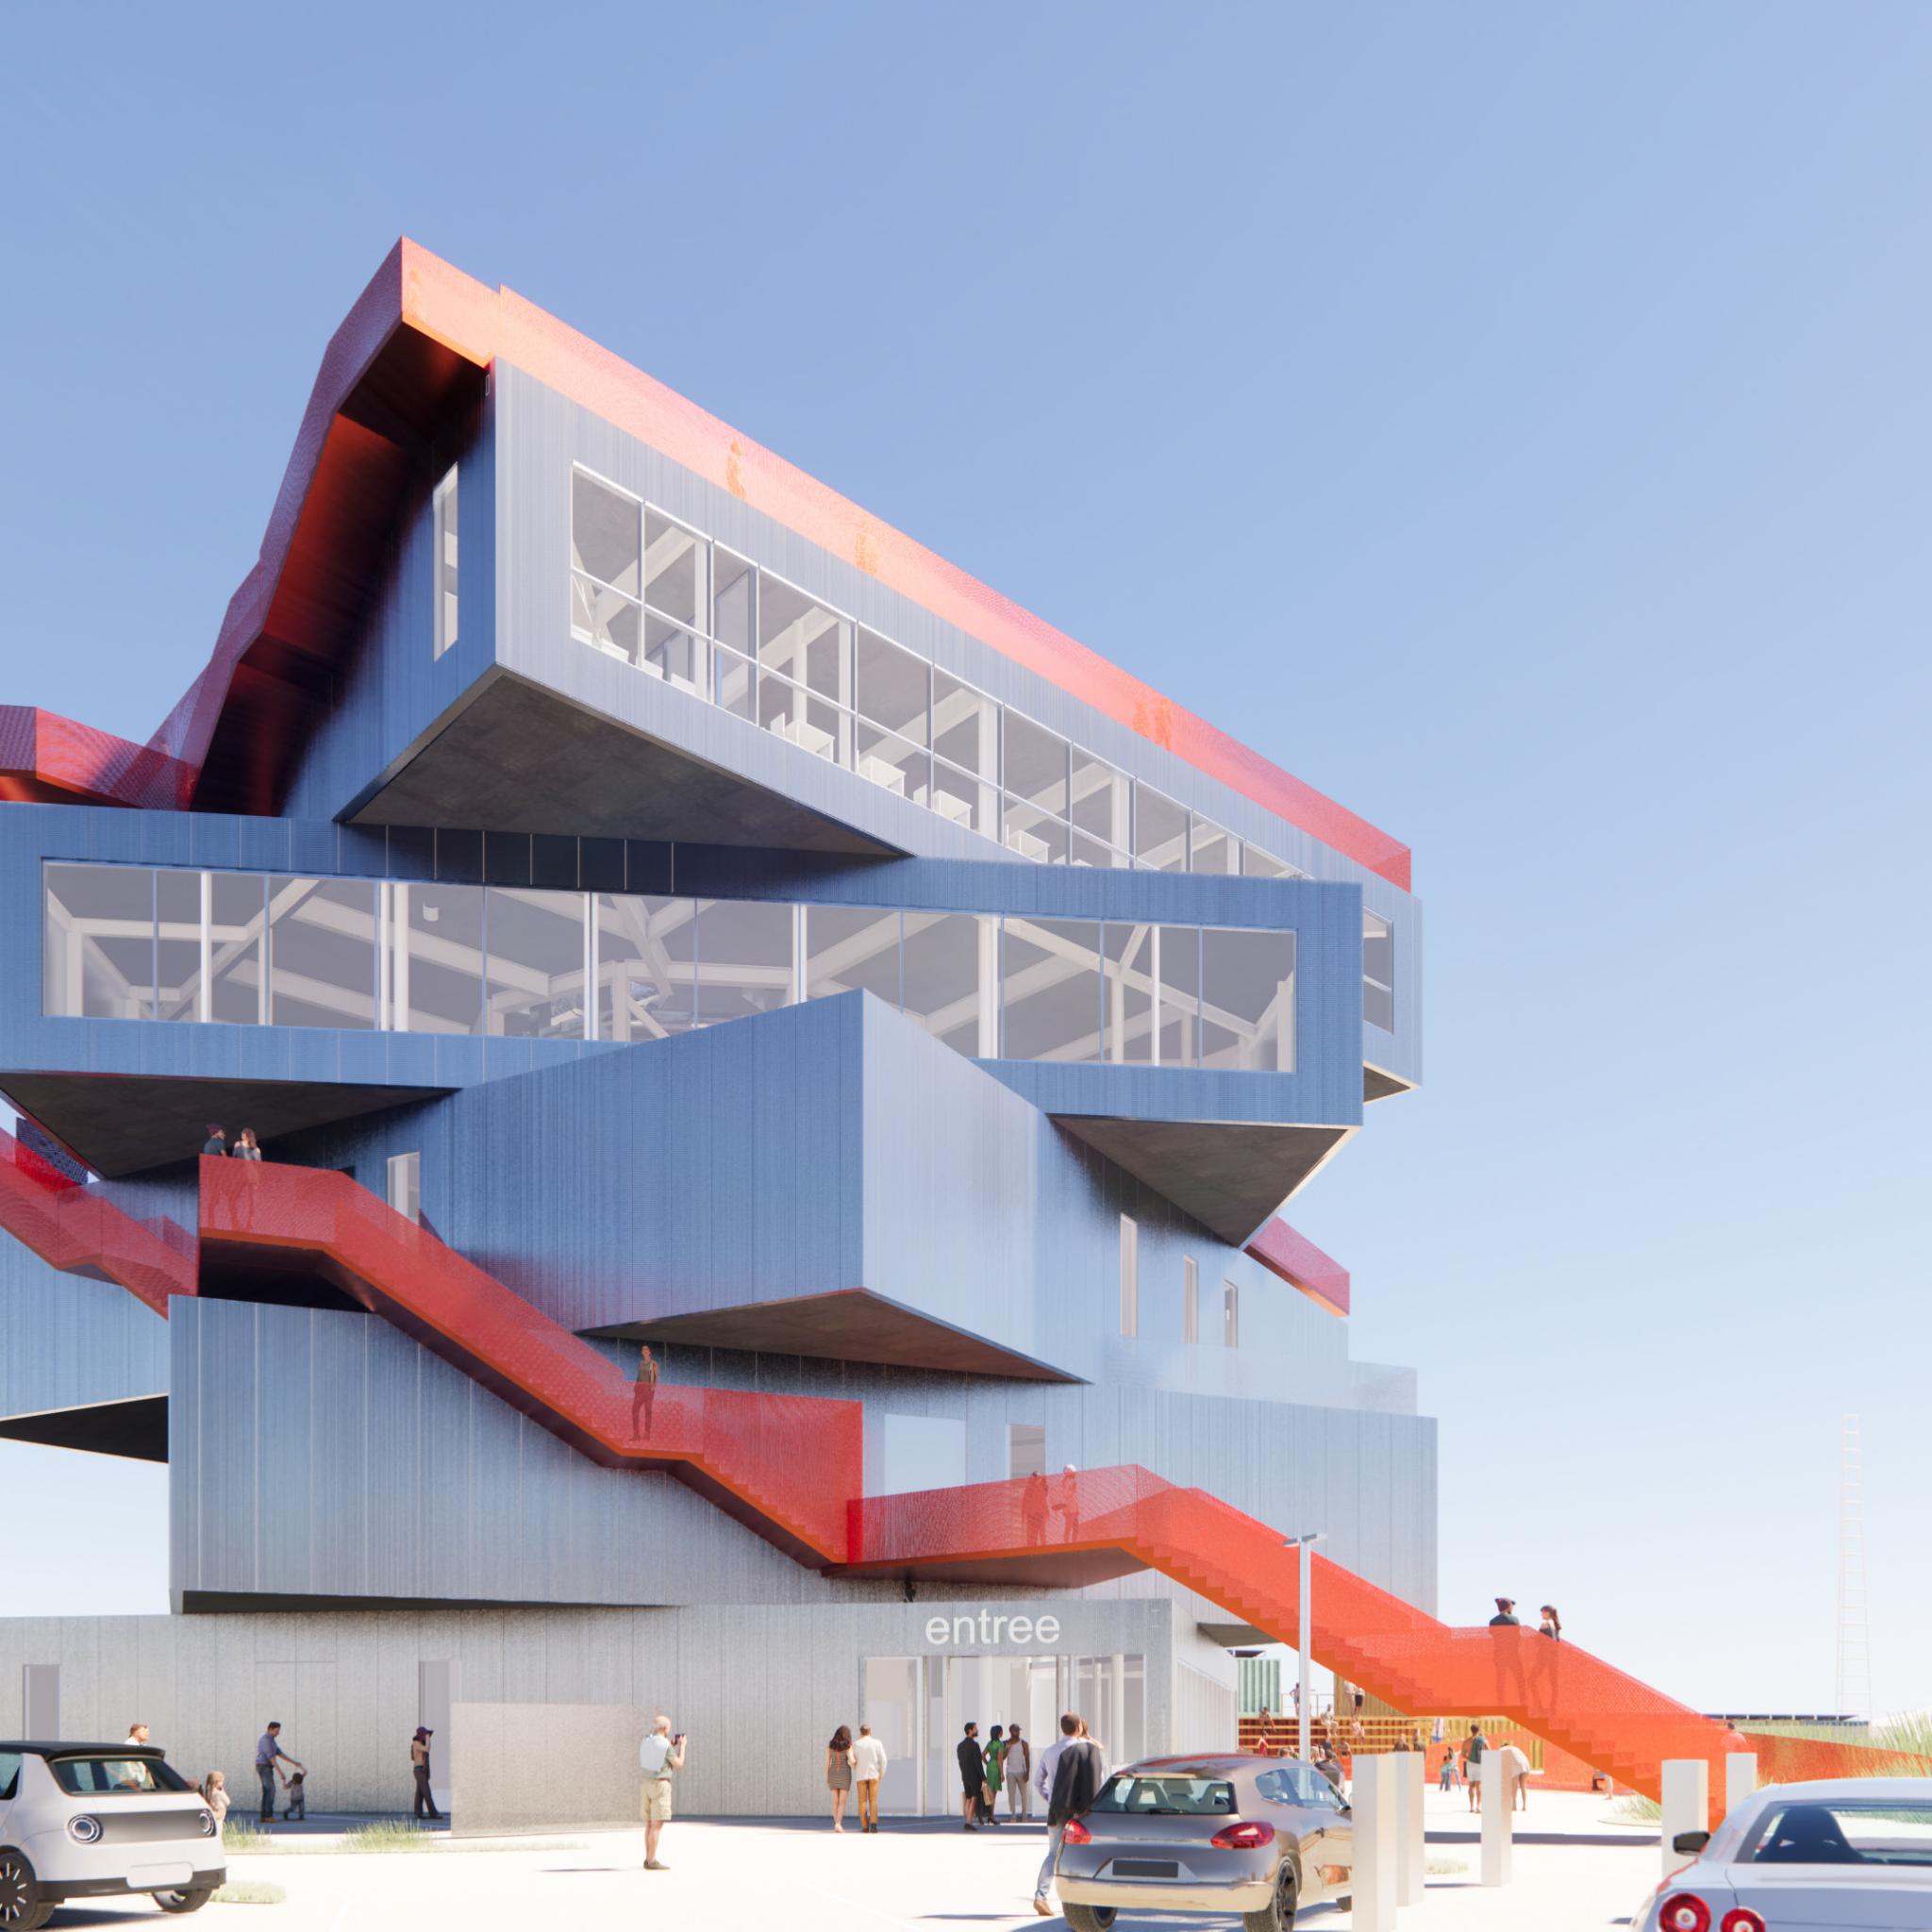 Het ontwerp van het nieuwe havenervaringscentrum met de gedraaide verdiepingen en de panorama ramen. (Foto Havenbedrijf Rotterdam